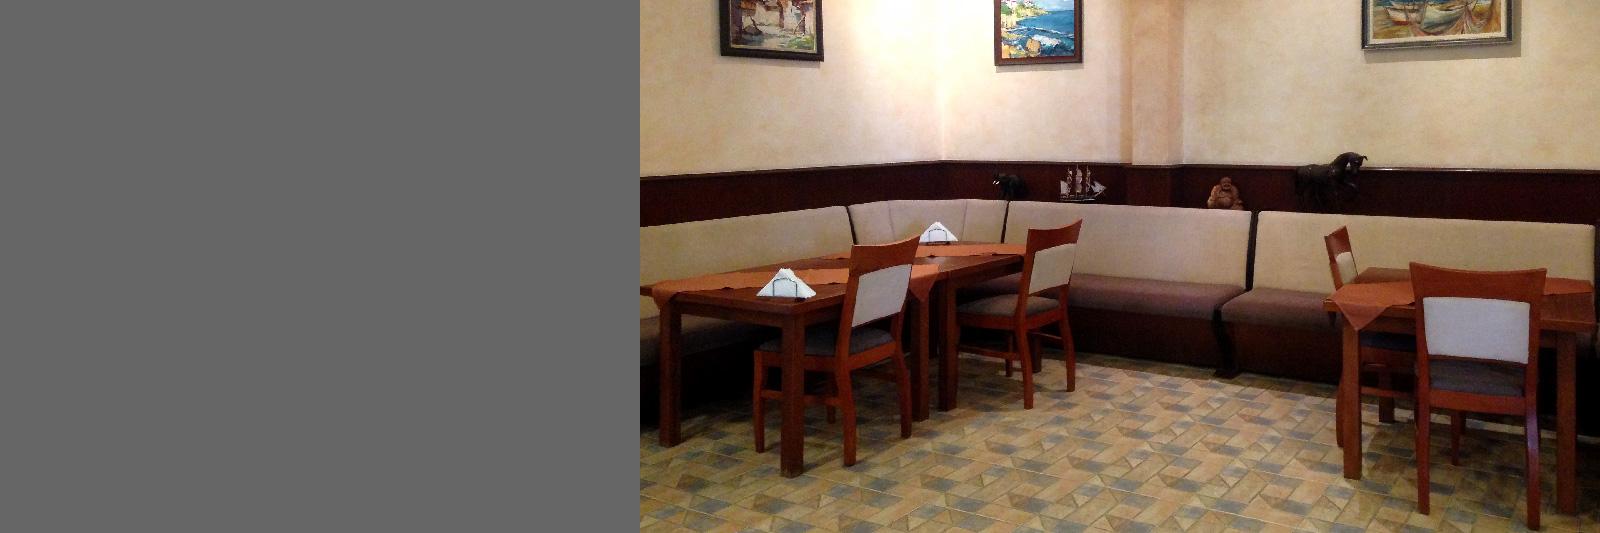 Барная мебель (диваны, столы, стулья) из массива на заказ